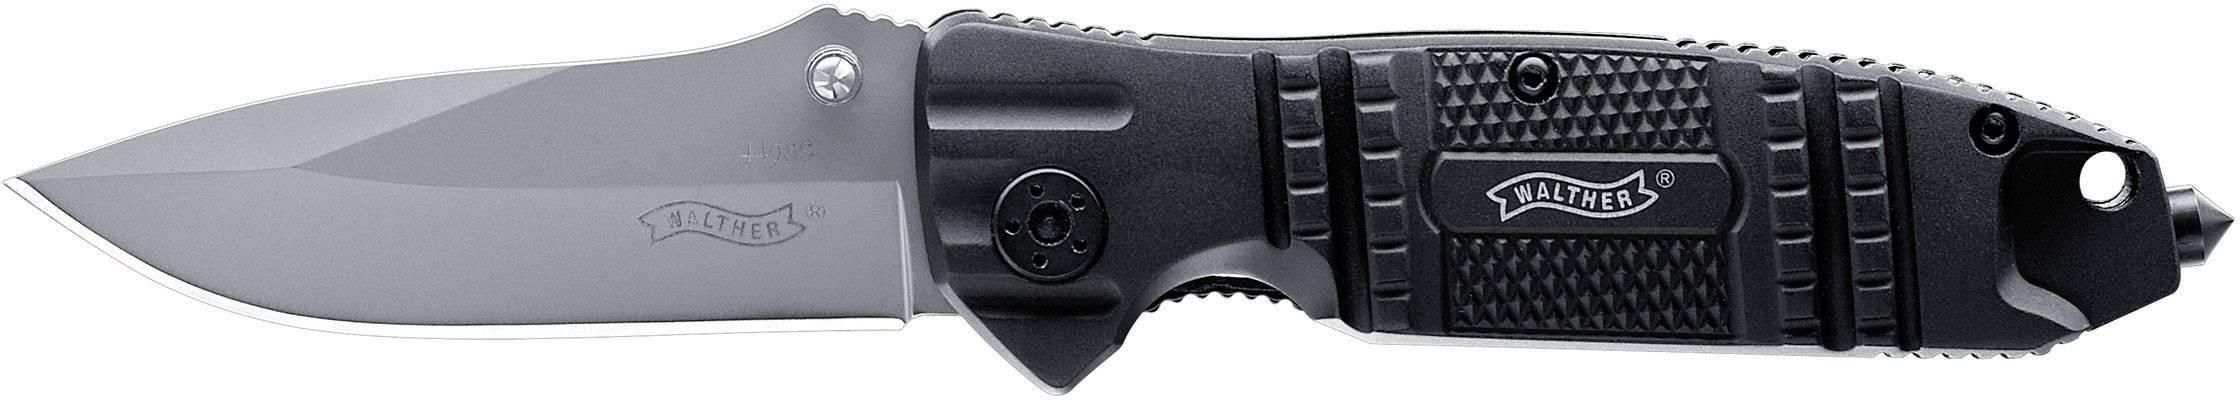 Kapesní nůž Walther Silver TacKnife STK, nerezová ocel, hliník